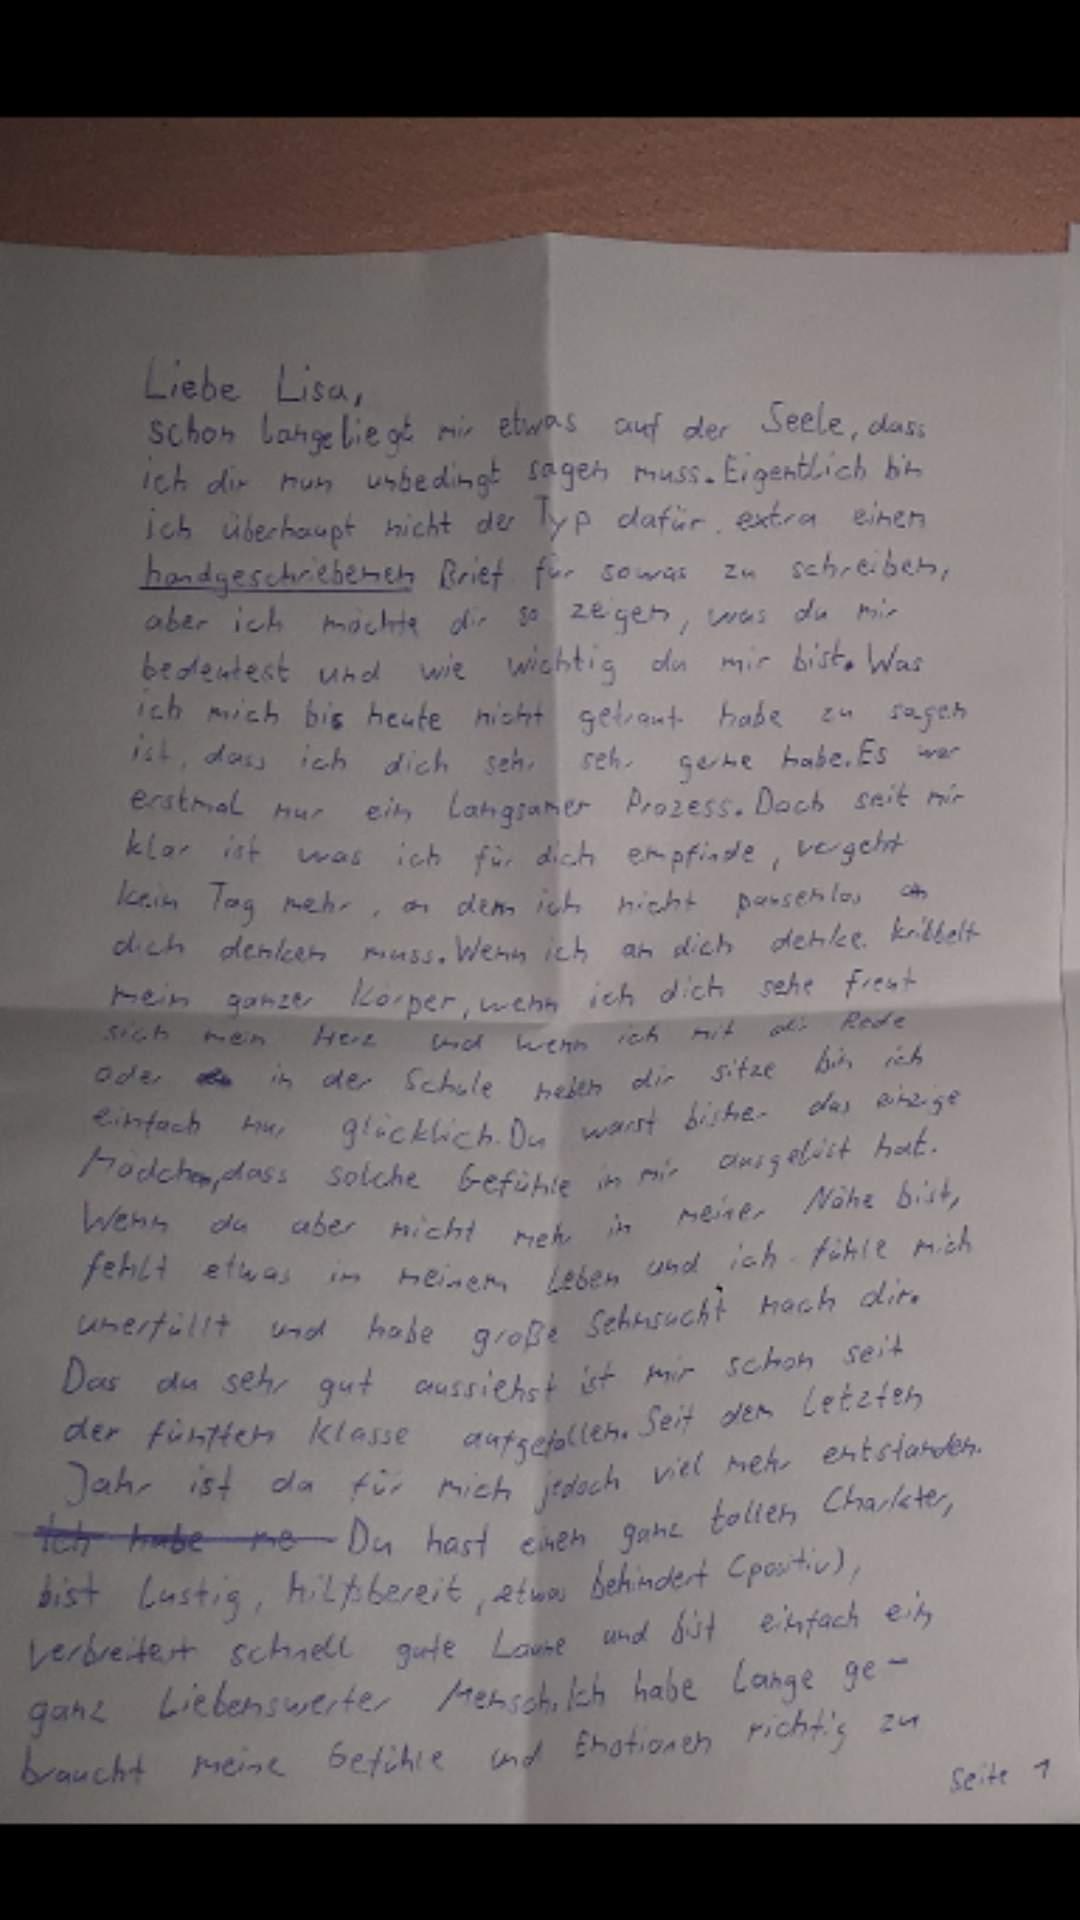 liebesbrief schreiben kennenlernen